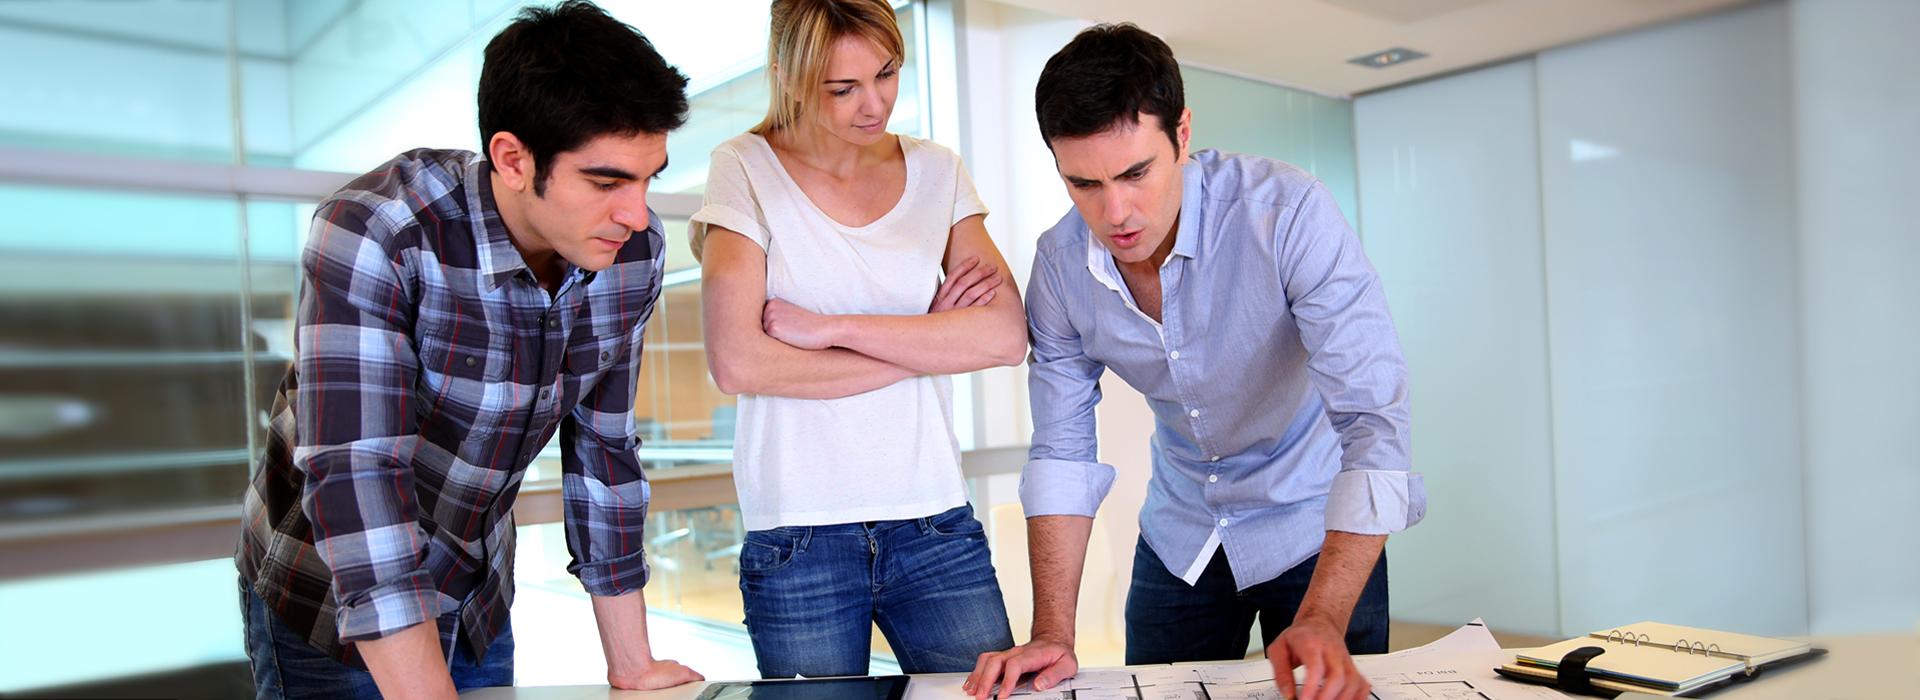 CNL Capital - Εστιάζουμε στη χρηματοδότηση σας ώστε να εστιάσετε στην ανάπτυξη της εταιρείας σας